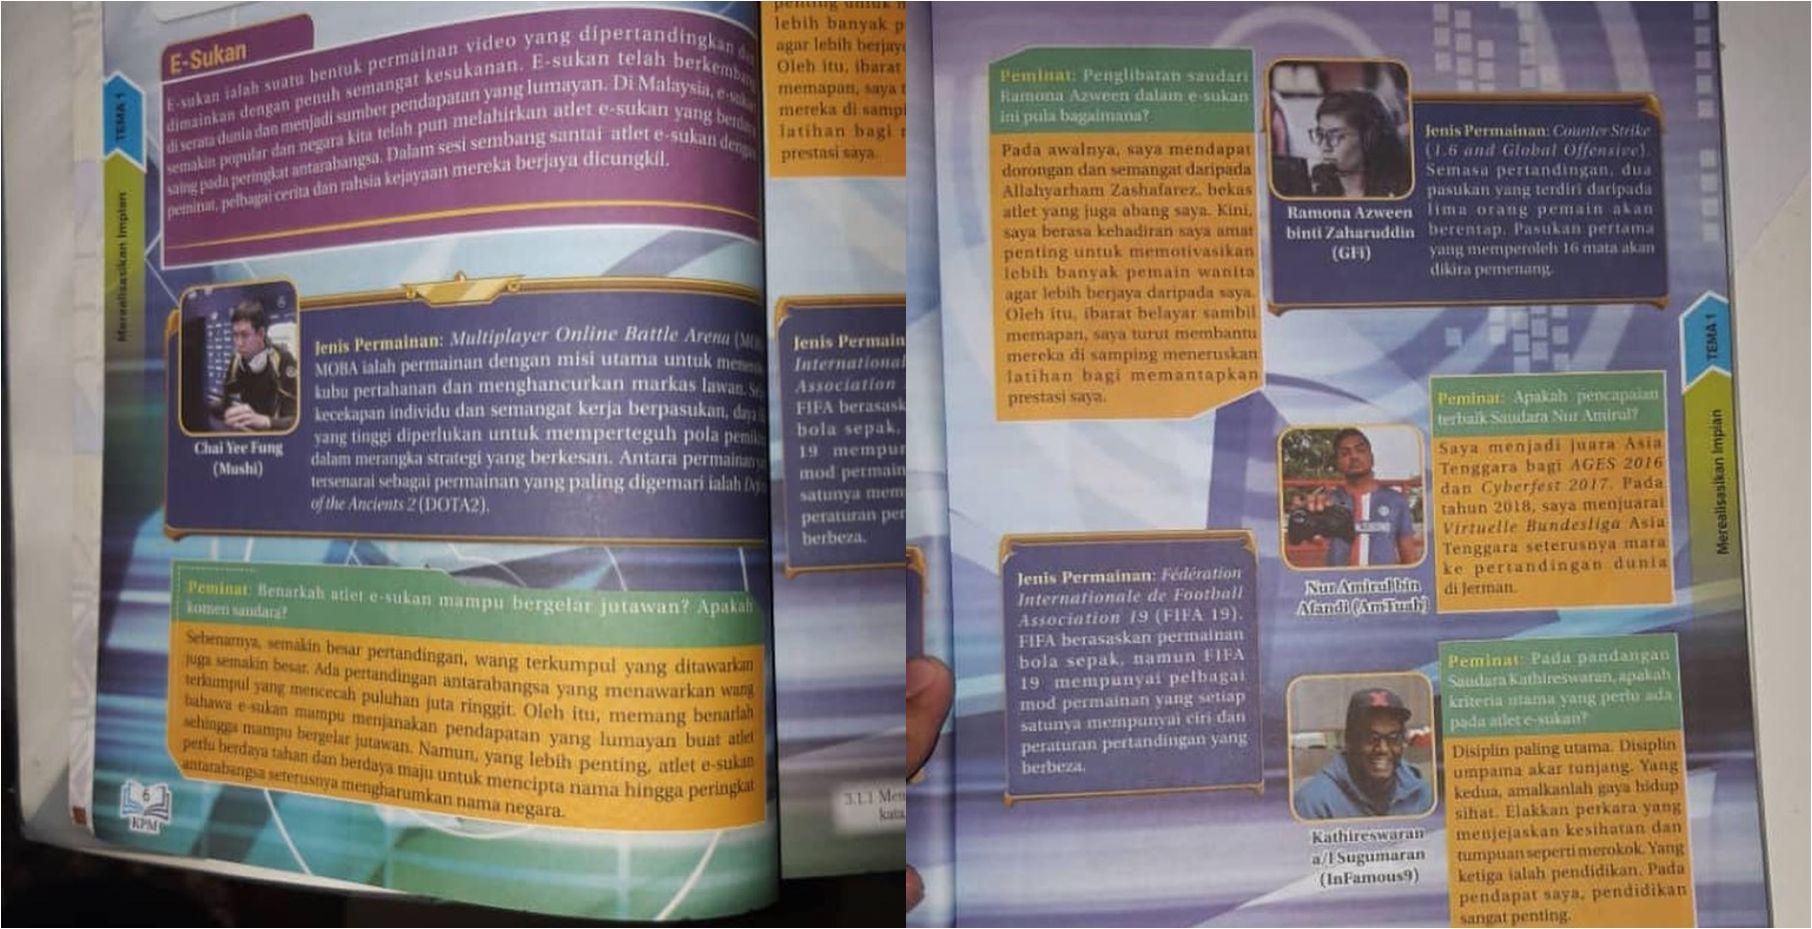 Mygameon E Sukan Kini Diterapkan Dalam Buku Teks Bahasa Melayu Tingkatan 4 Tema 1